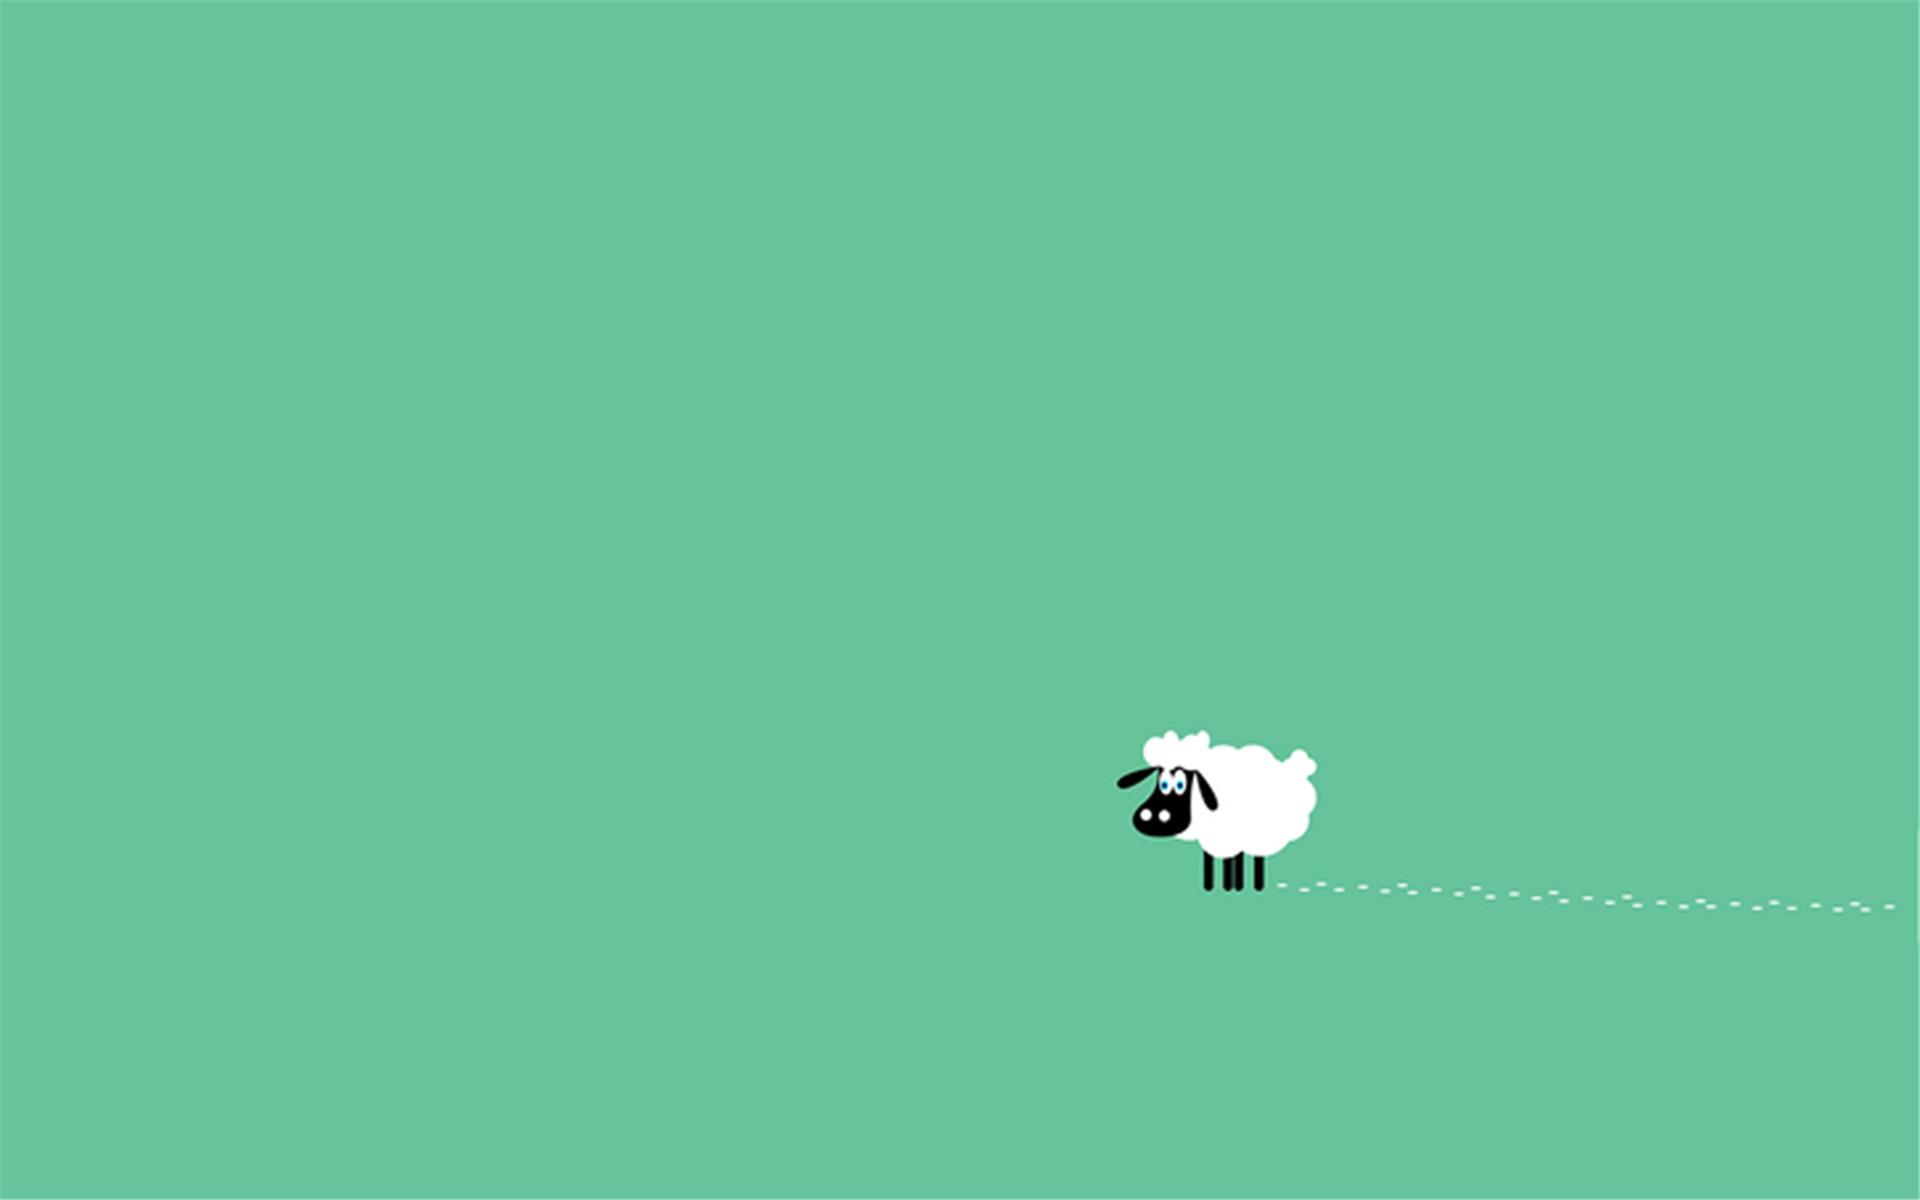 首页 ppt背景 简约ppt背景图片 > 简单的卡通图案可爱绵羊ppt背景图片